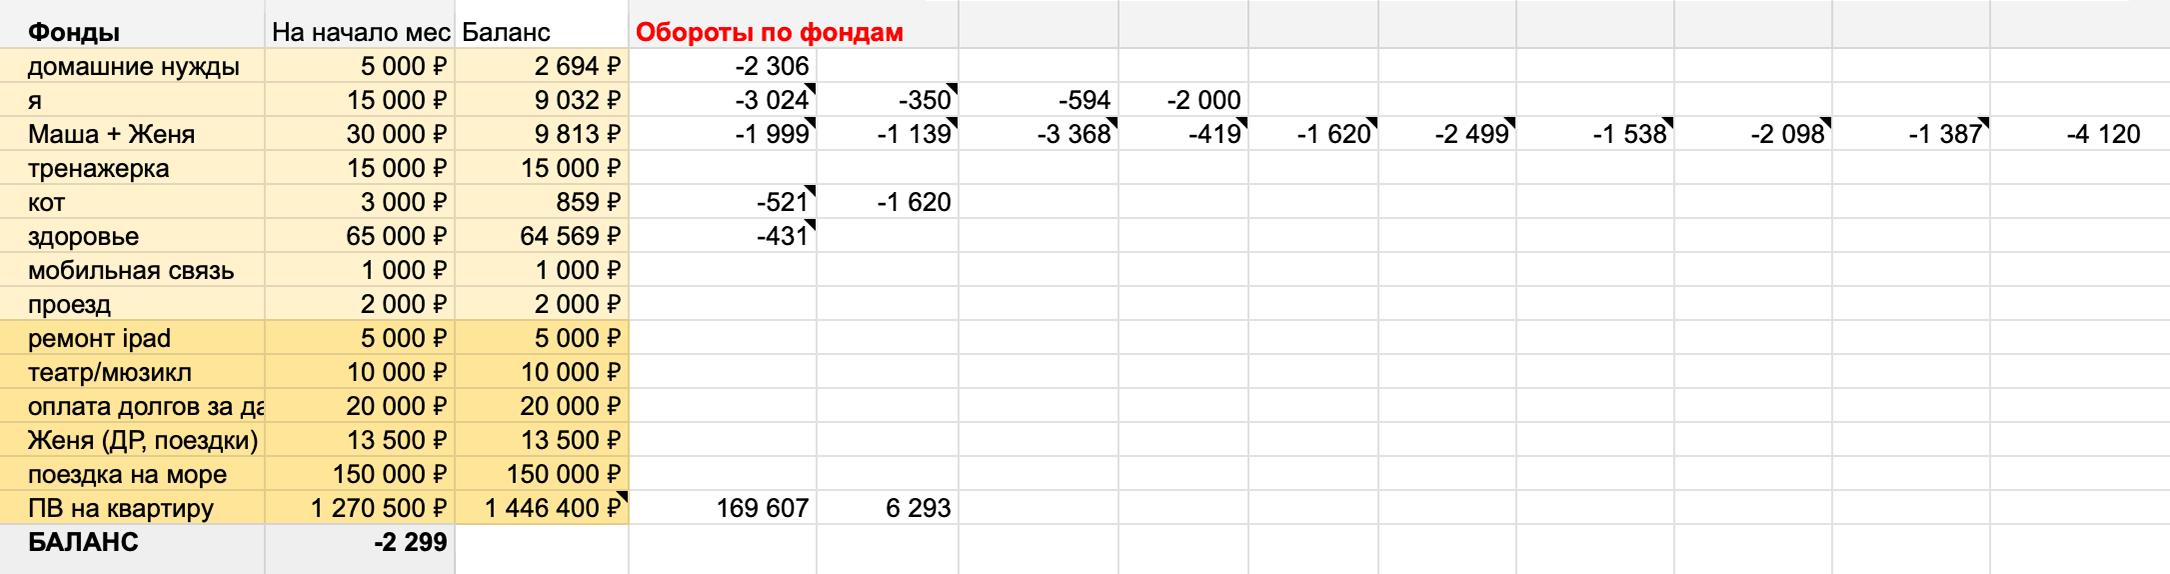 Баланс отрицательный, −2299. Потратили больше, чем было запланировано